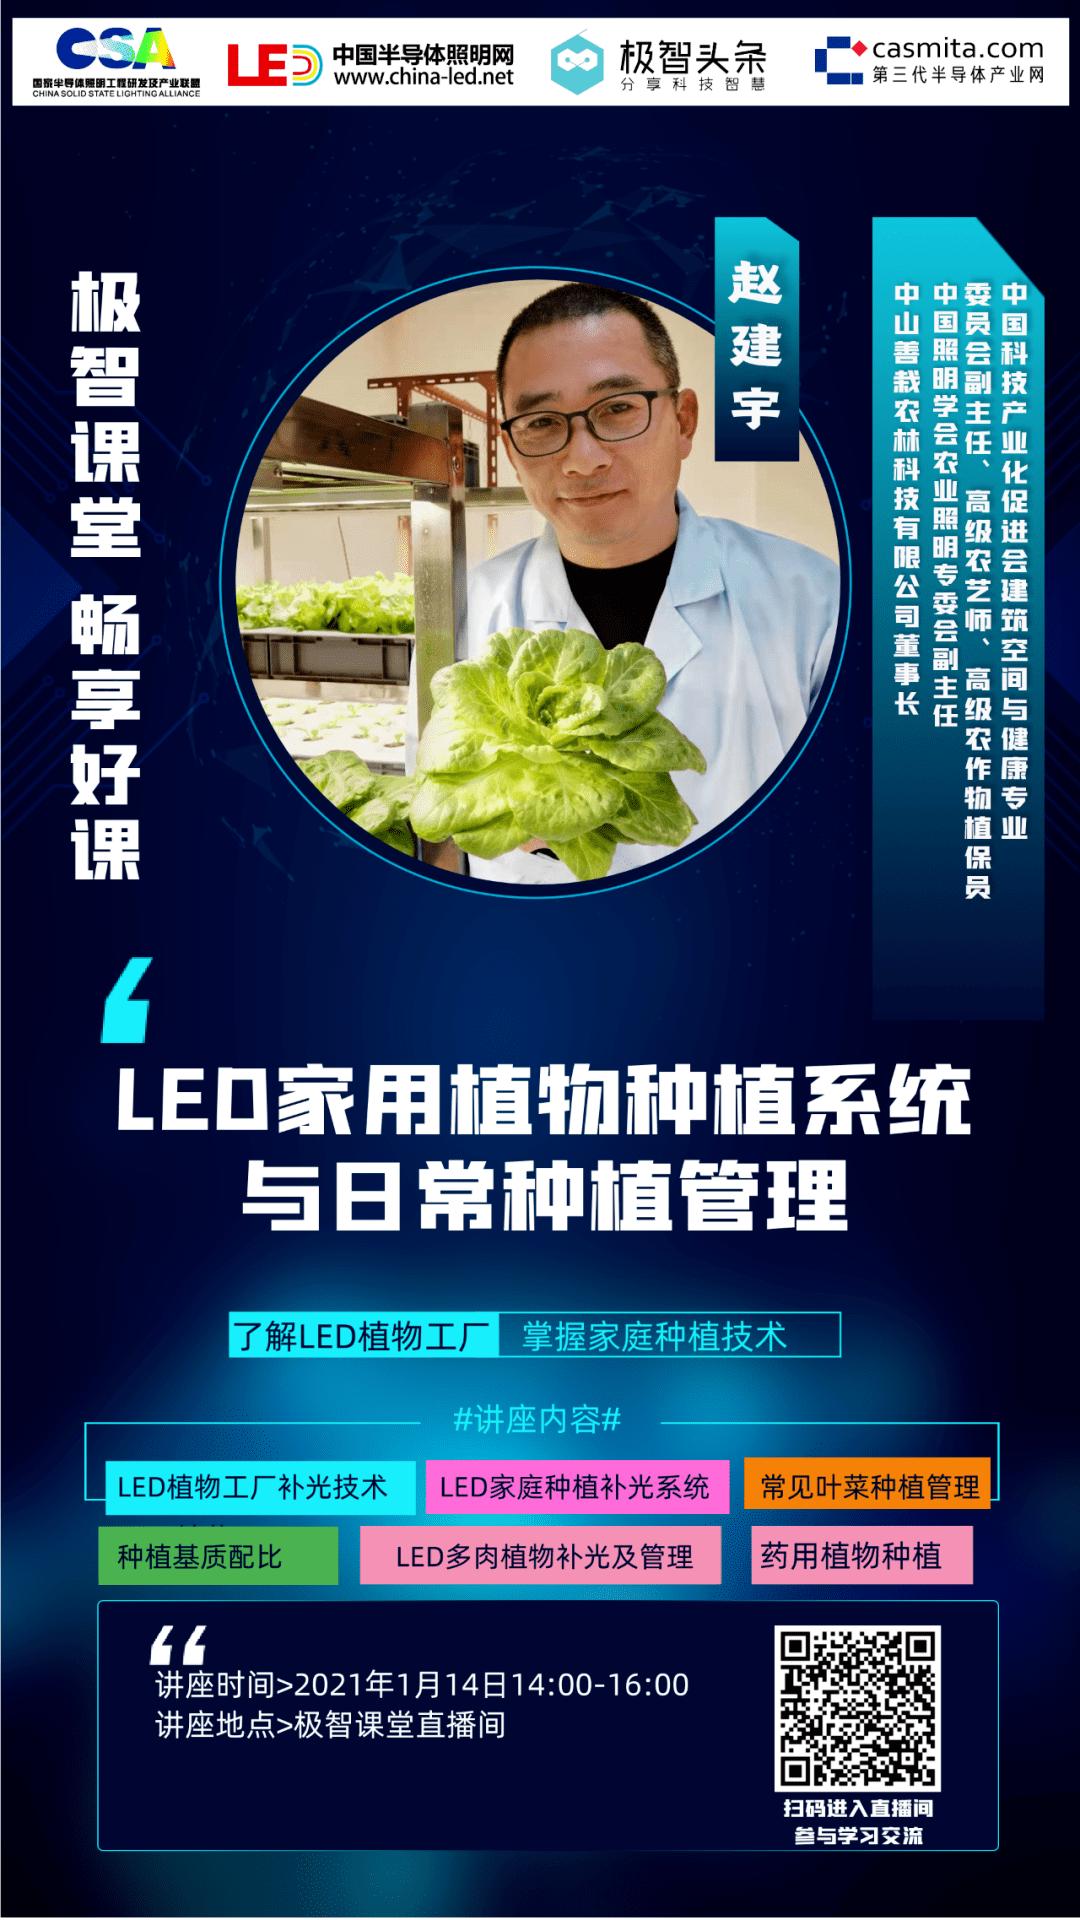 【今日直播】赵建宇:LED家用植物种植系统及日常种植管理